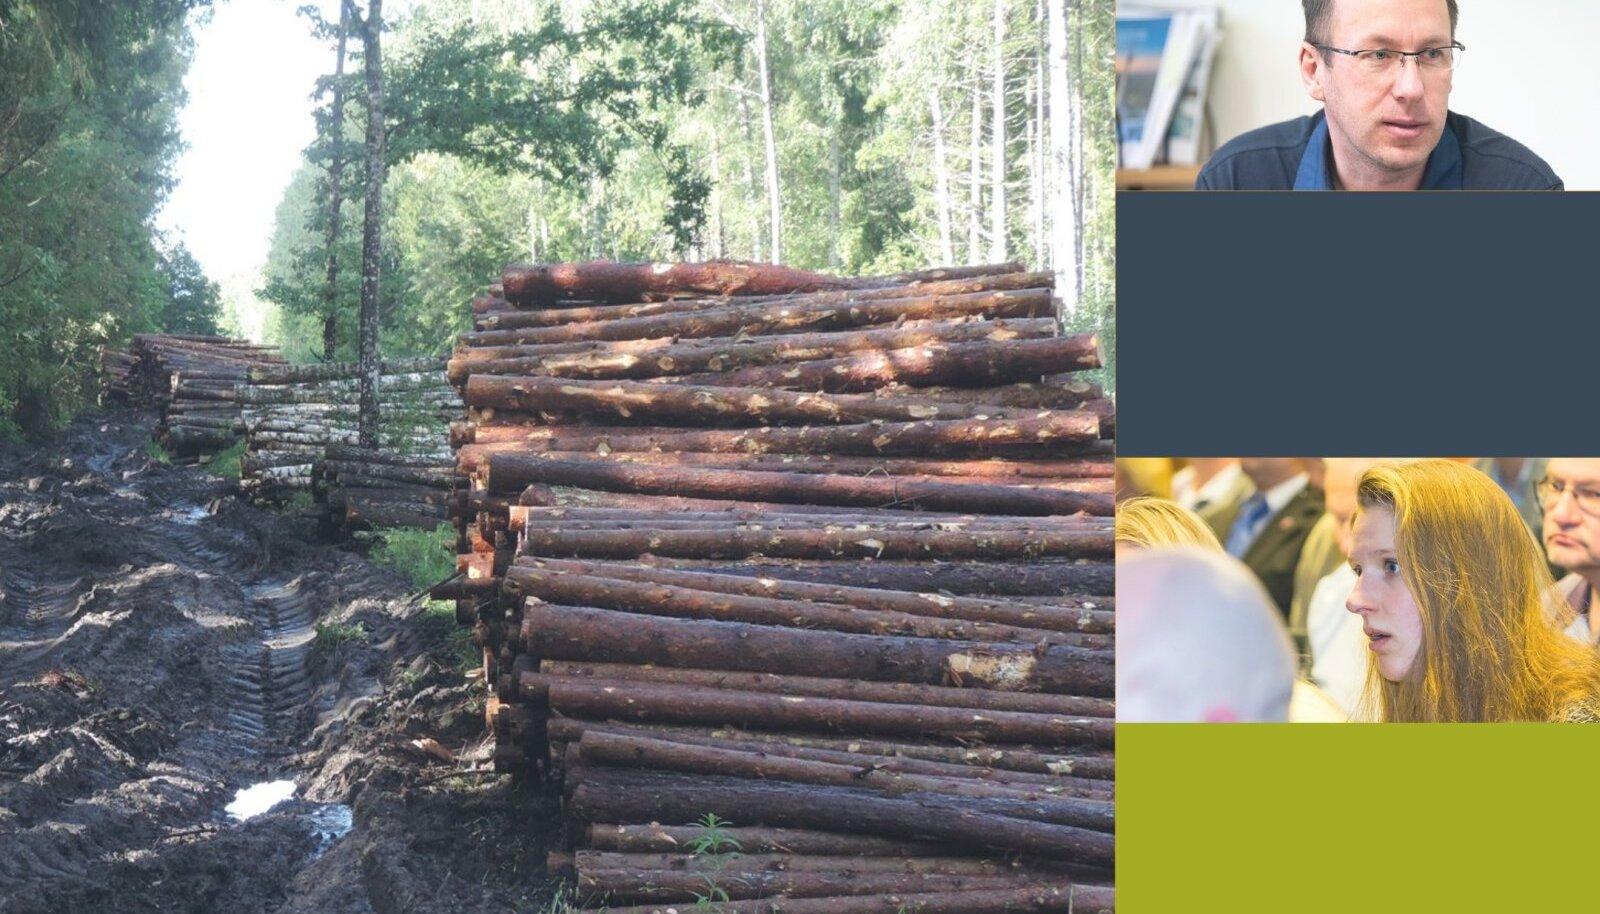 Sügavad rööpad metsamaterjali väljaveoteel on sageli olnud aktivistide meelepaha allikas. Teinekord aga see siiski ei tähenda, et tegemist oleks seaduserikkumisega.